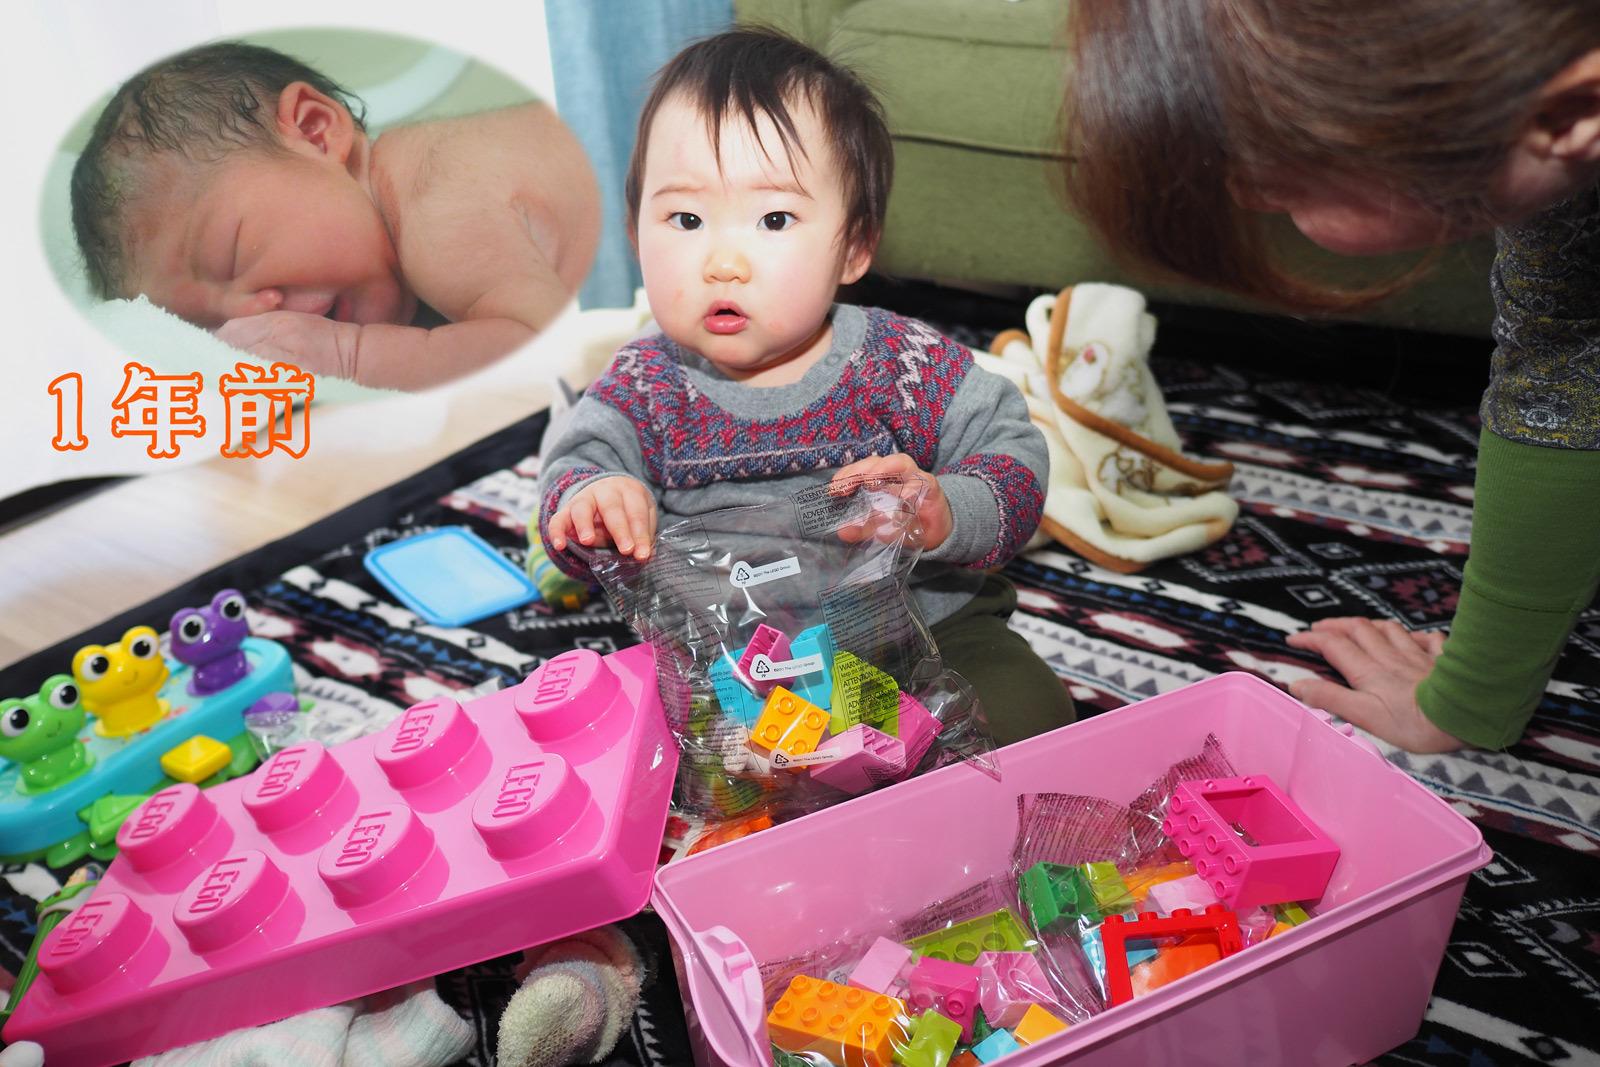 孫1歳の誕生日(湘南でかまんじゅう)_a0271402_21124297.jpg